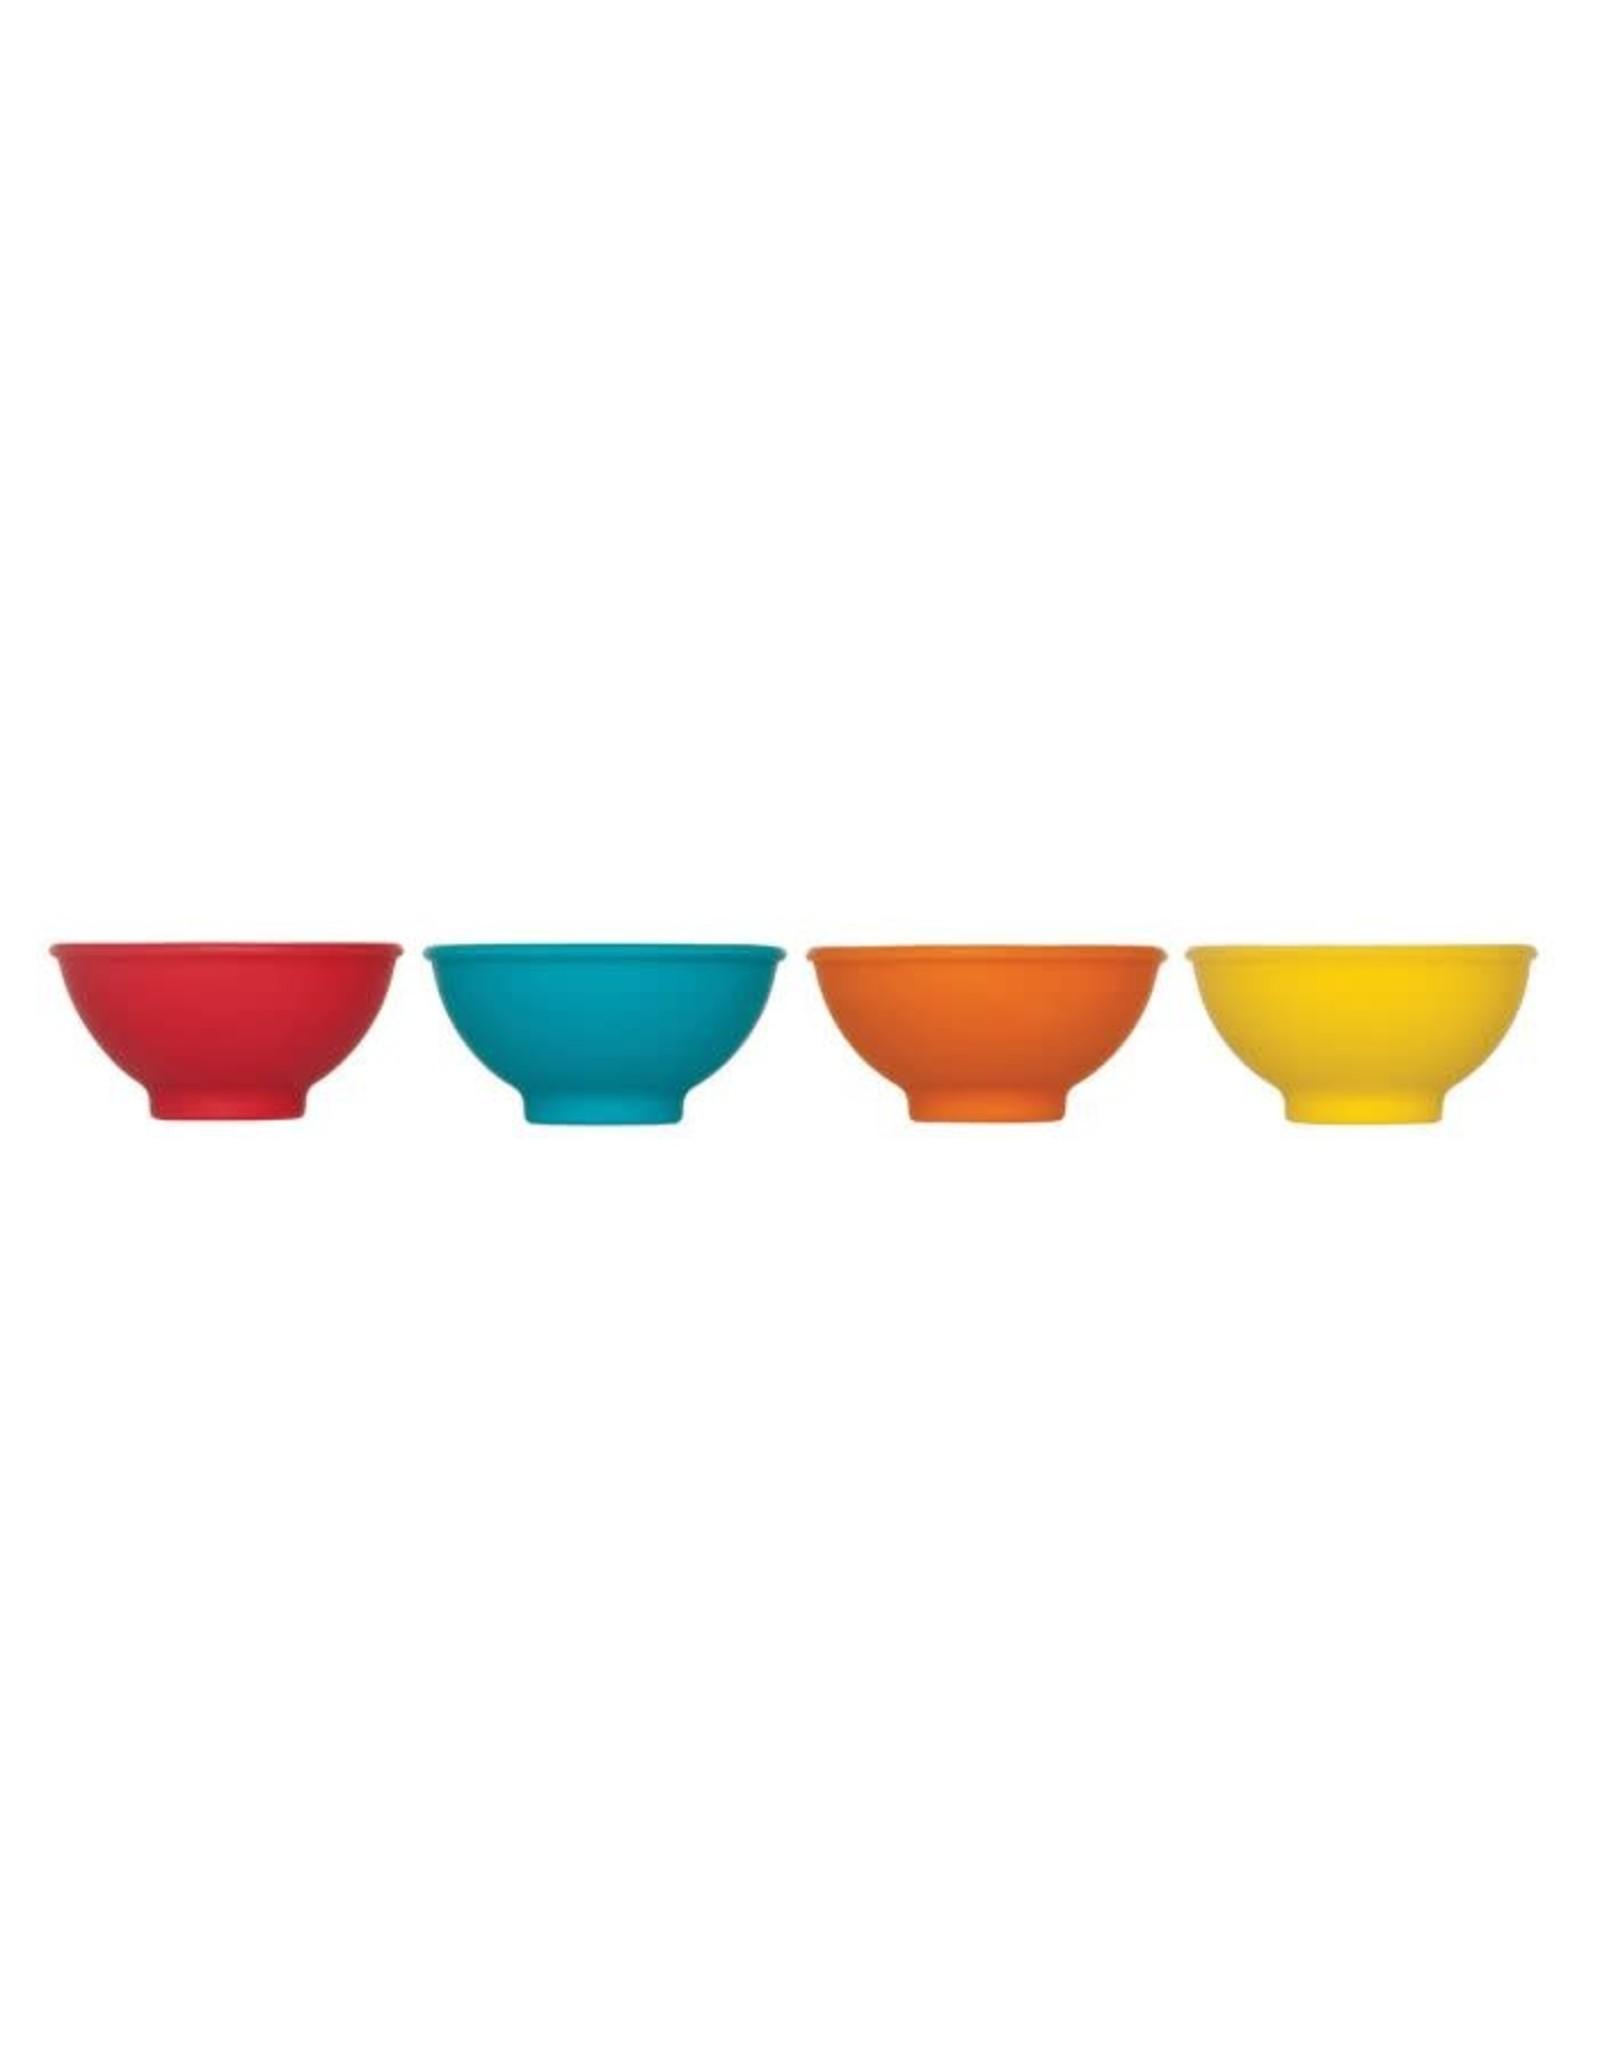 Harold Import Company Inc. HIC- Baking Pinch Bowls, Set of 4